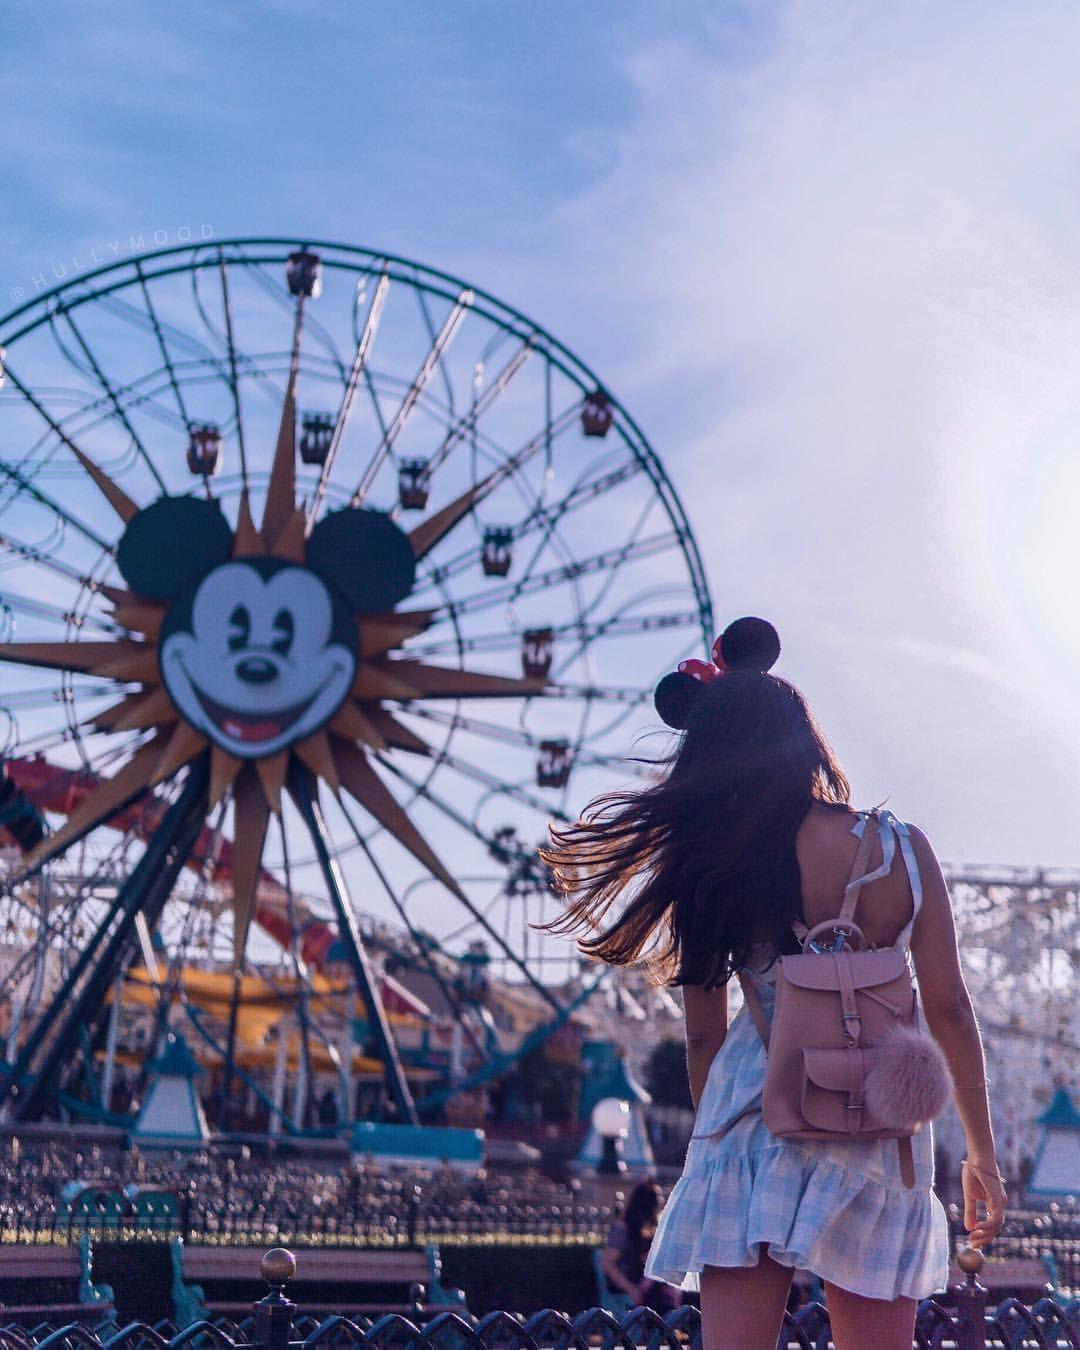 Disneyland Ist Immer Eine Reise Wert Das Riesenrad In Kalifornien Finde Ich So Sweet Disneyland Disneylandresort Disney Di Disney Cartoon Walt Disney